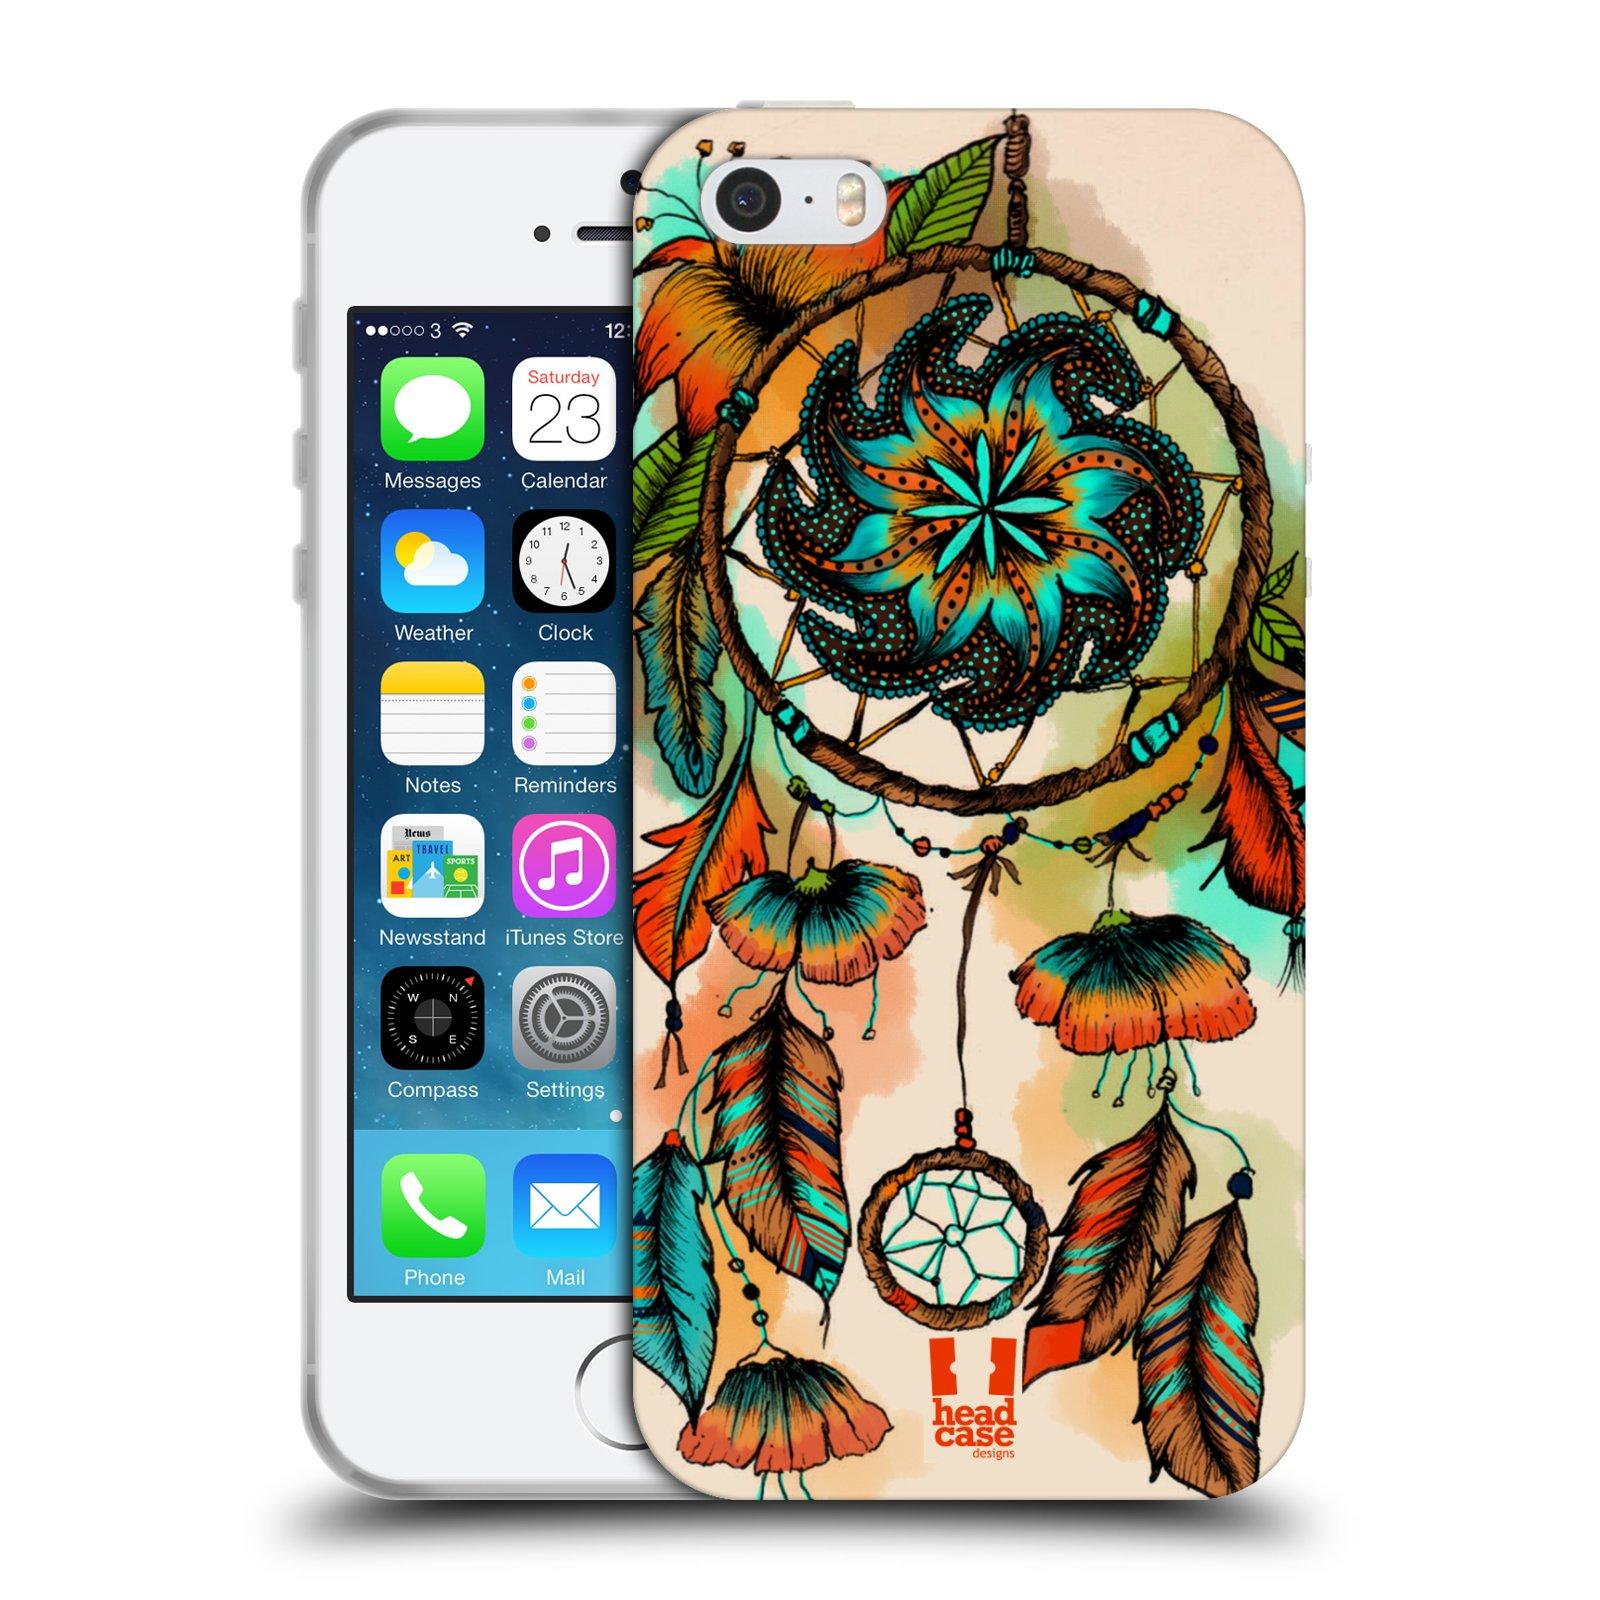 HEAD CASE silikonový obal na mobil Apple Iphone 5/5S vzor Květy lapač snů merňka oranžová